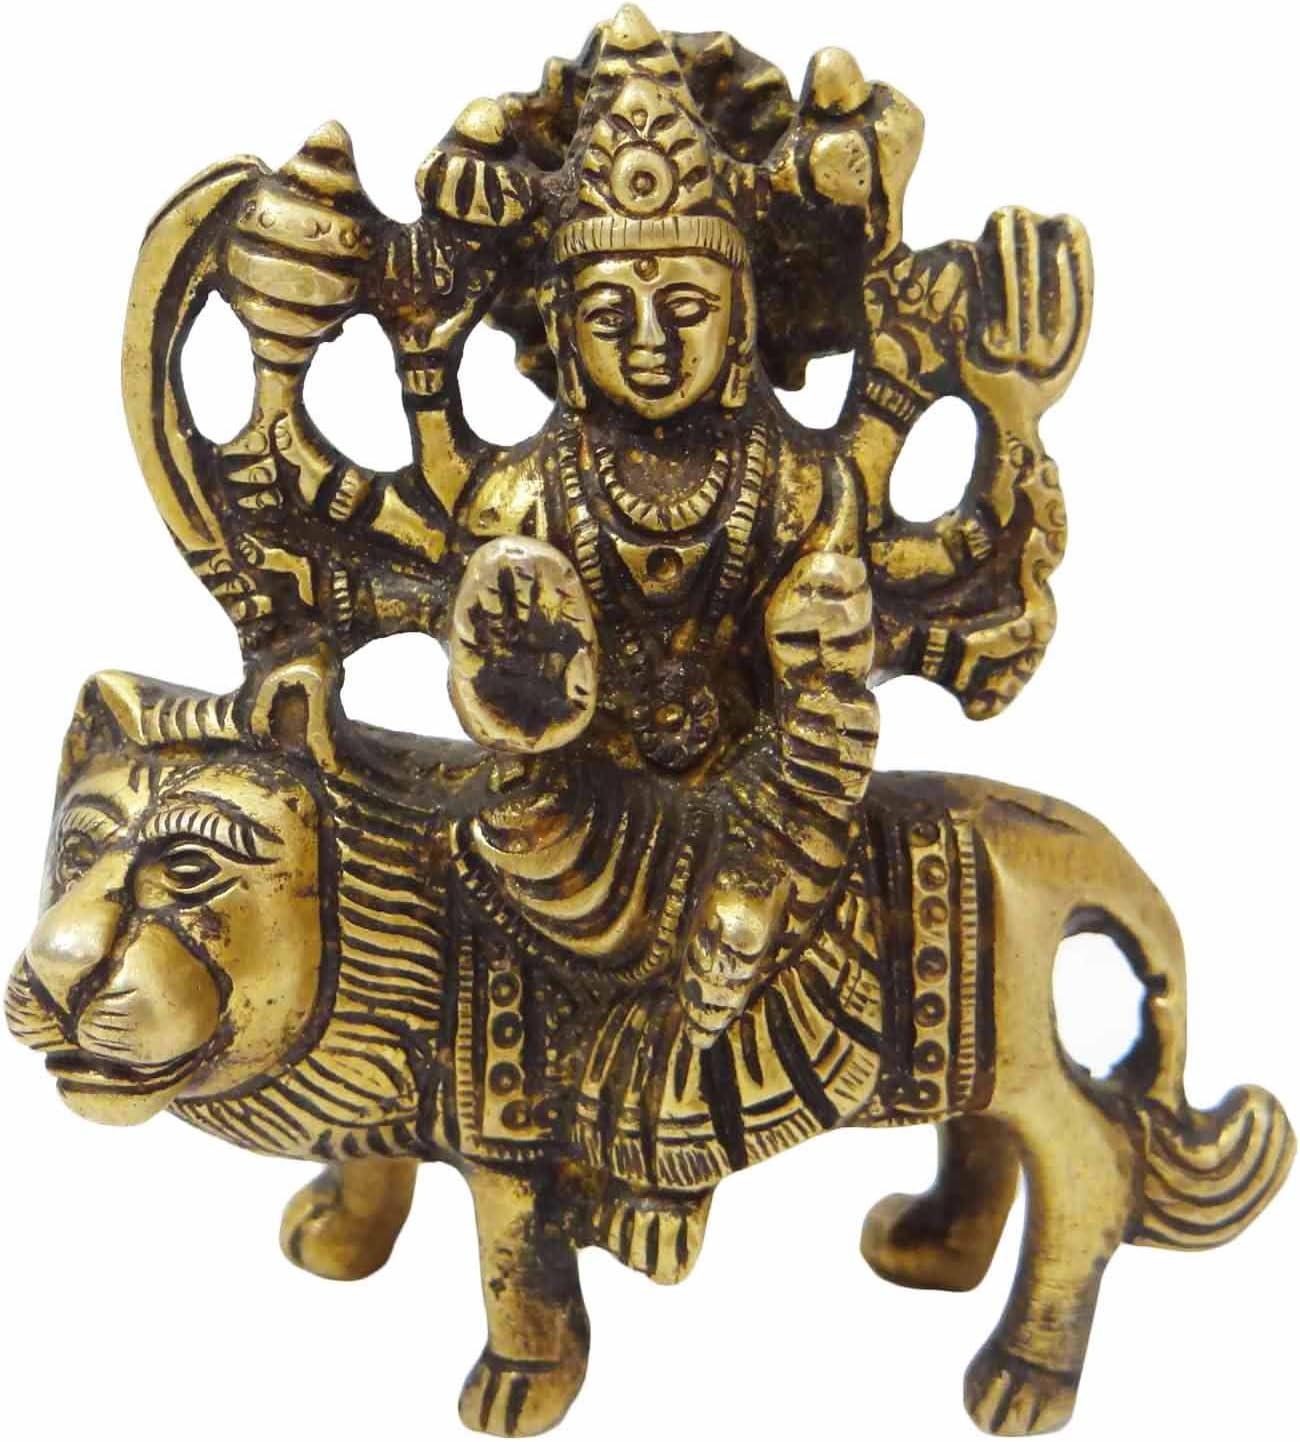 ドゥルガー真鍮彫刻ゴールドen Decorative Figurine Spiritualインテリアアート